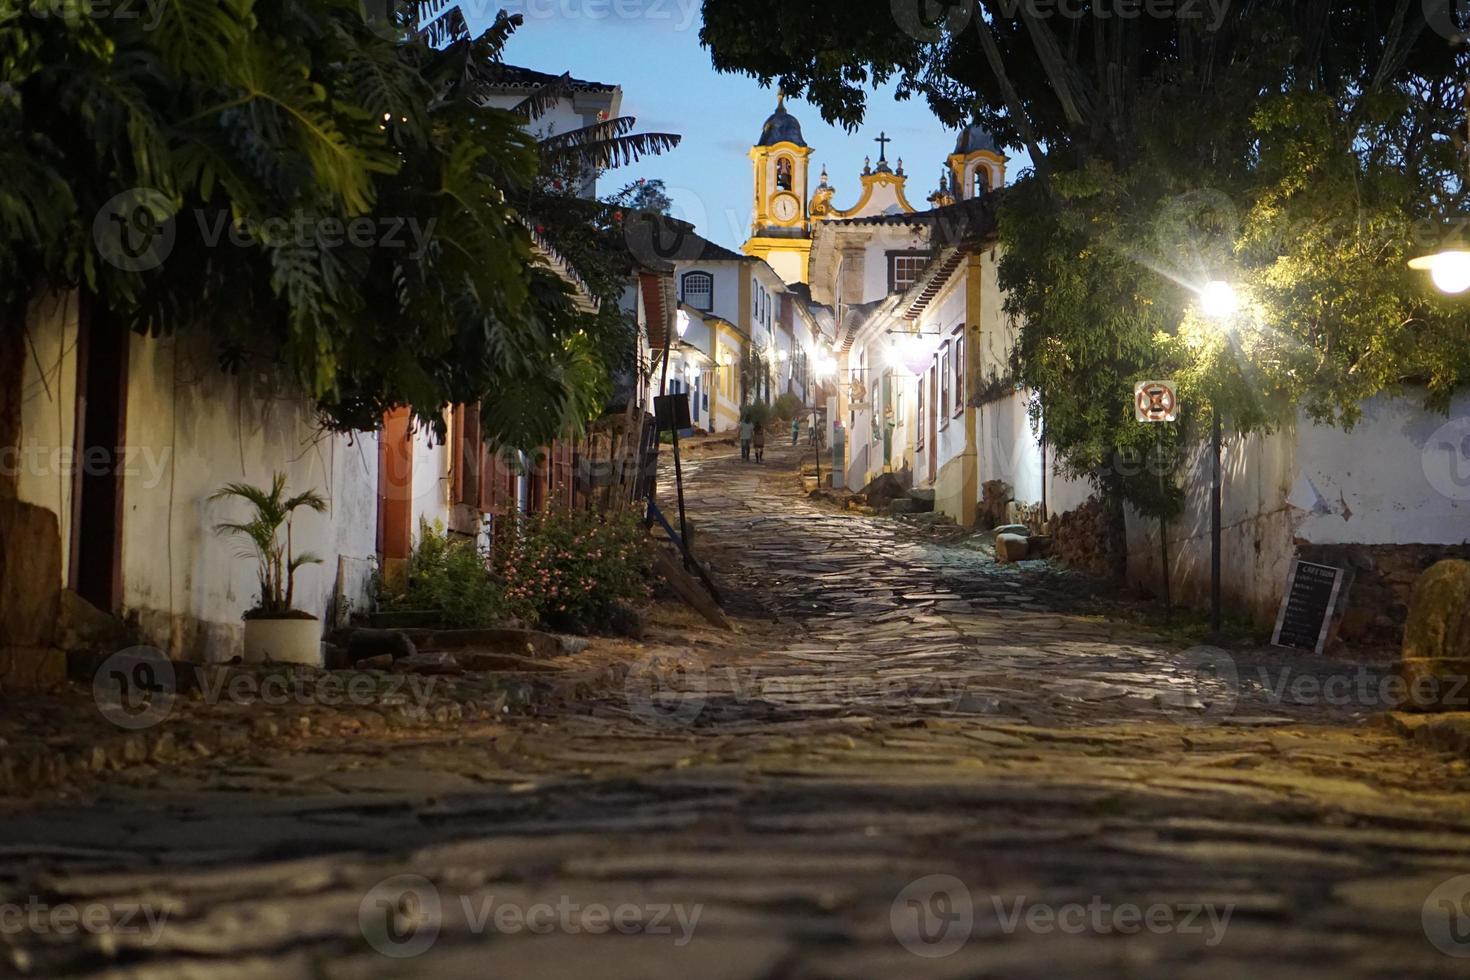 la strada che sale ad una chiesa foto